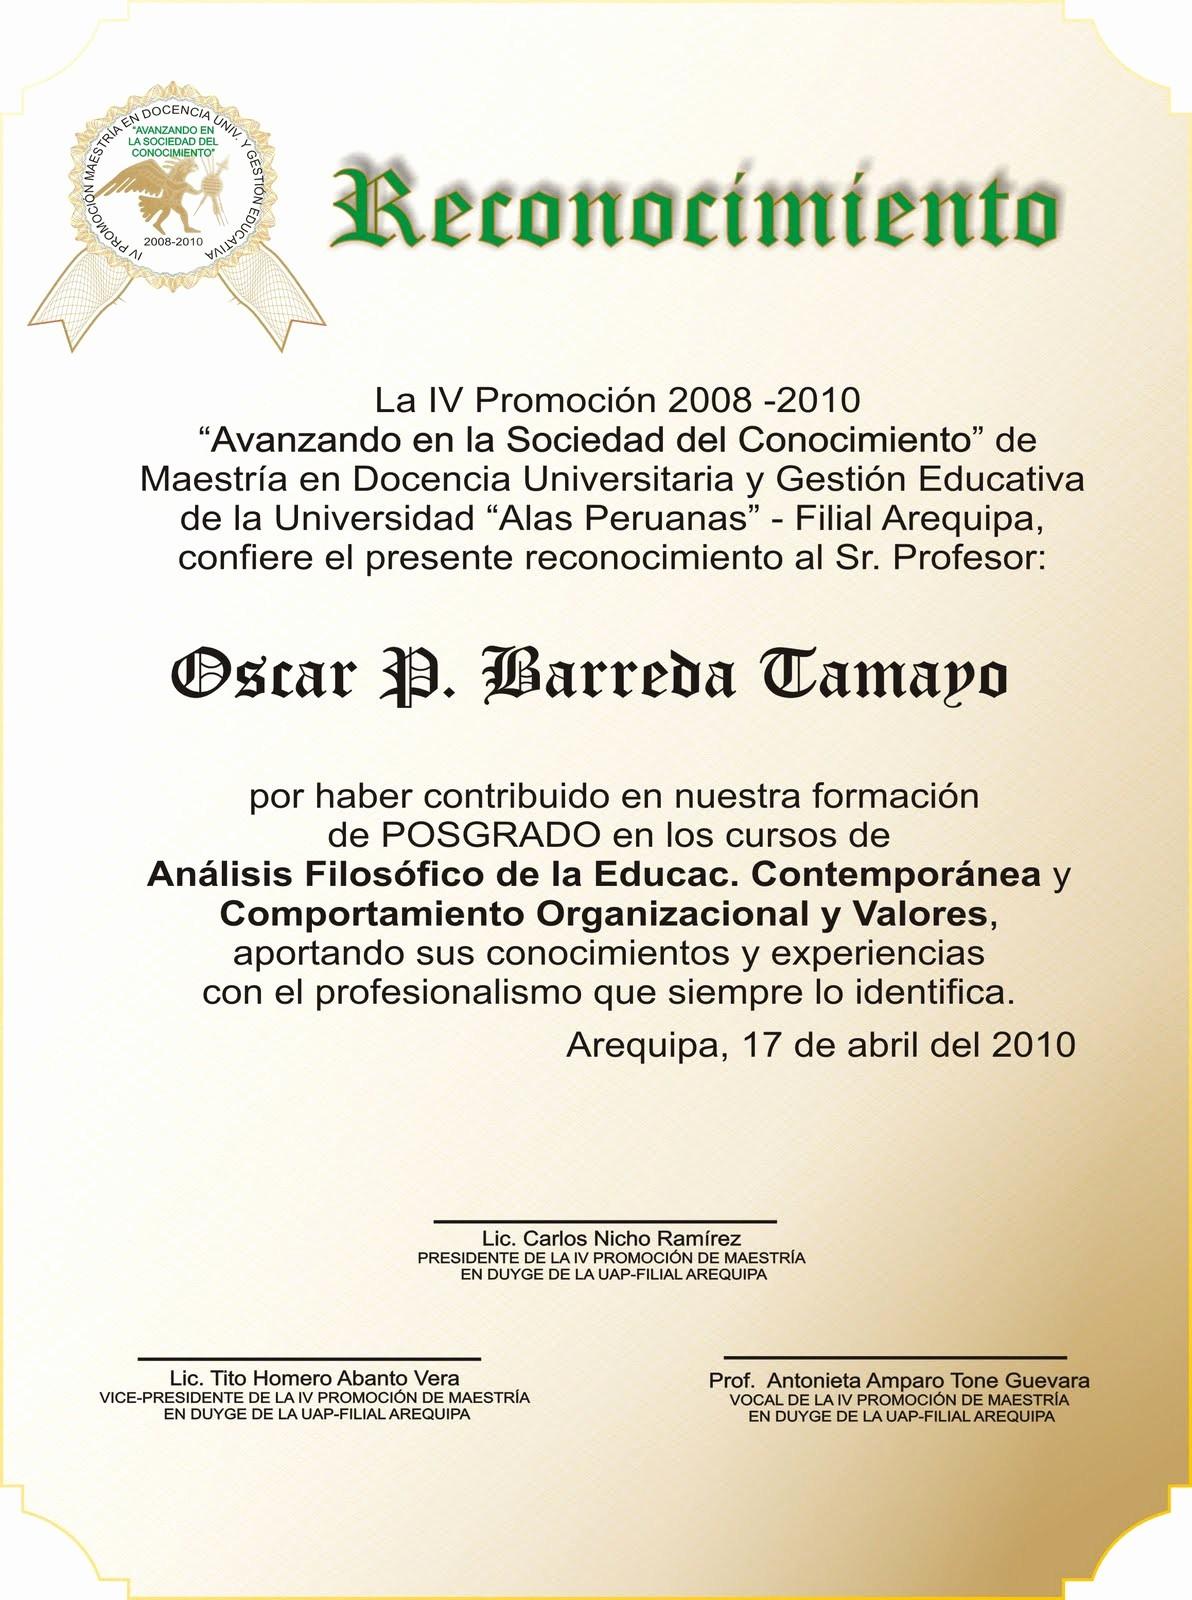 Ejemplos De Certificados De Reconocimiento Lovely Blog De Karlitos Modelo Placa De Recordatorios